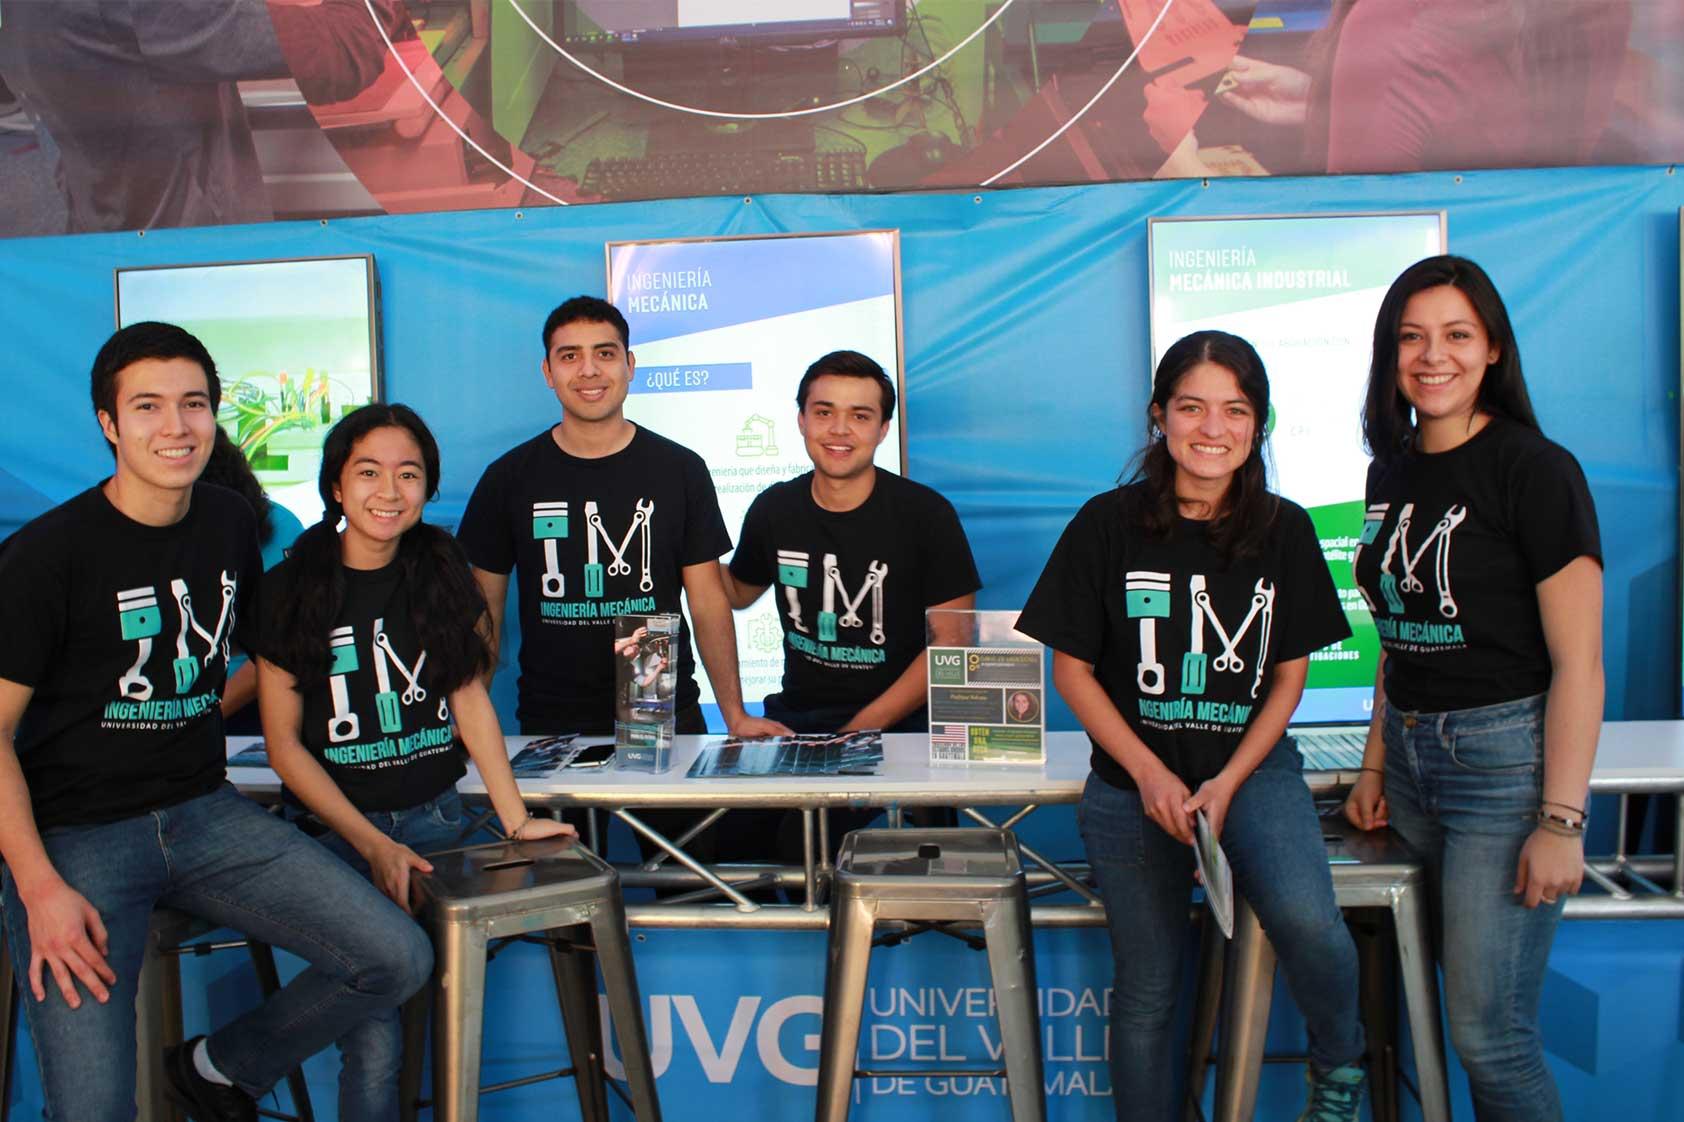 Jóvenes ingenieros de EE.UU. visitarán UVG para minicongreso de Ingeniería Mecánica